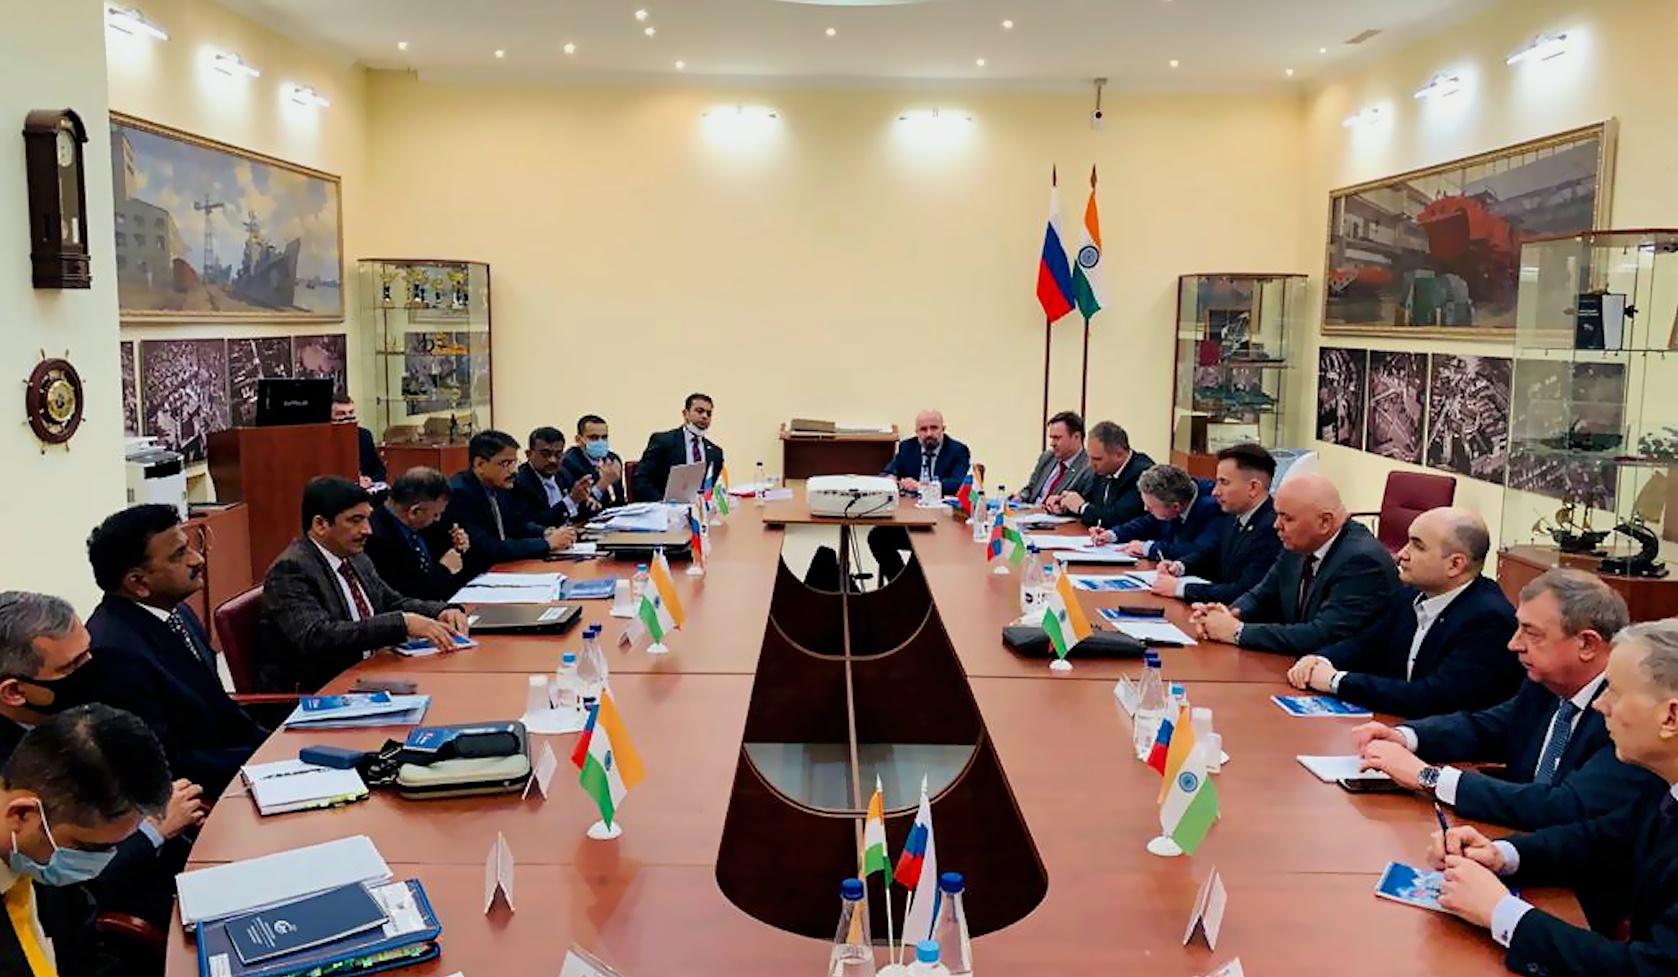 Индийский заказчик оценил ход строительства  фрегатов на АО «ПСЗ «Янтарь»